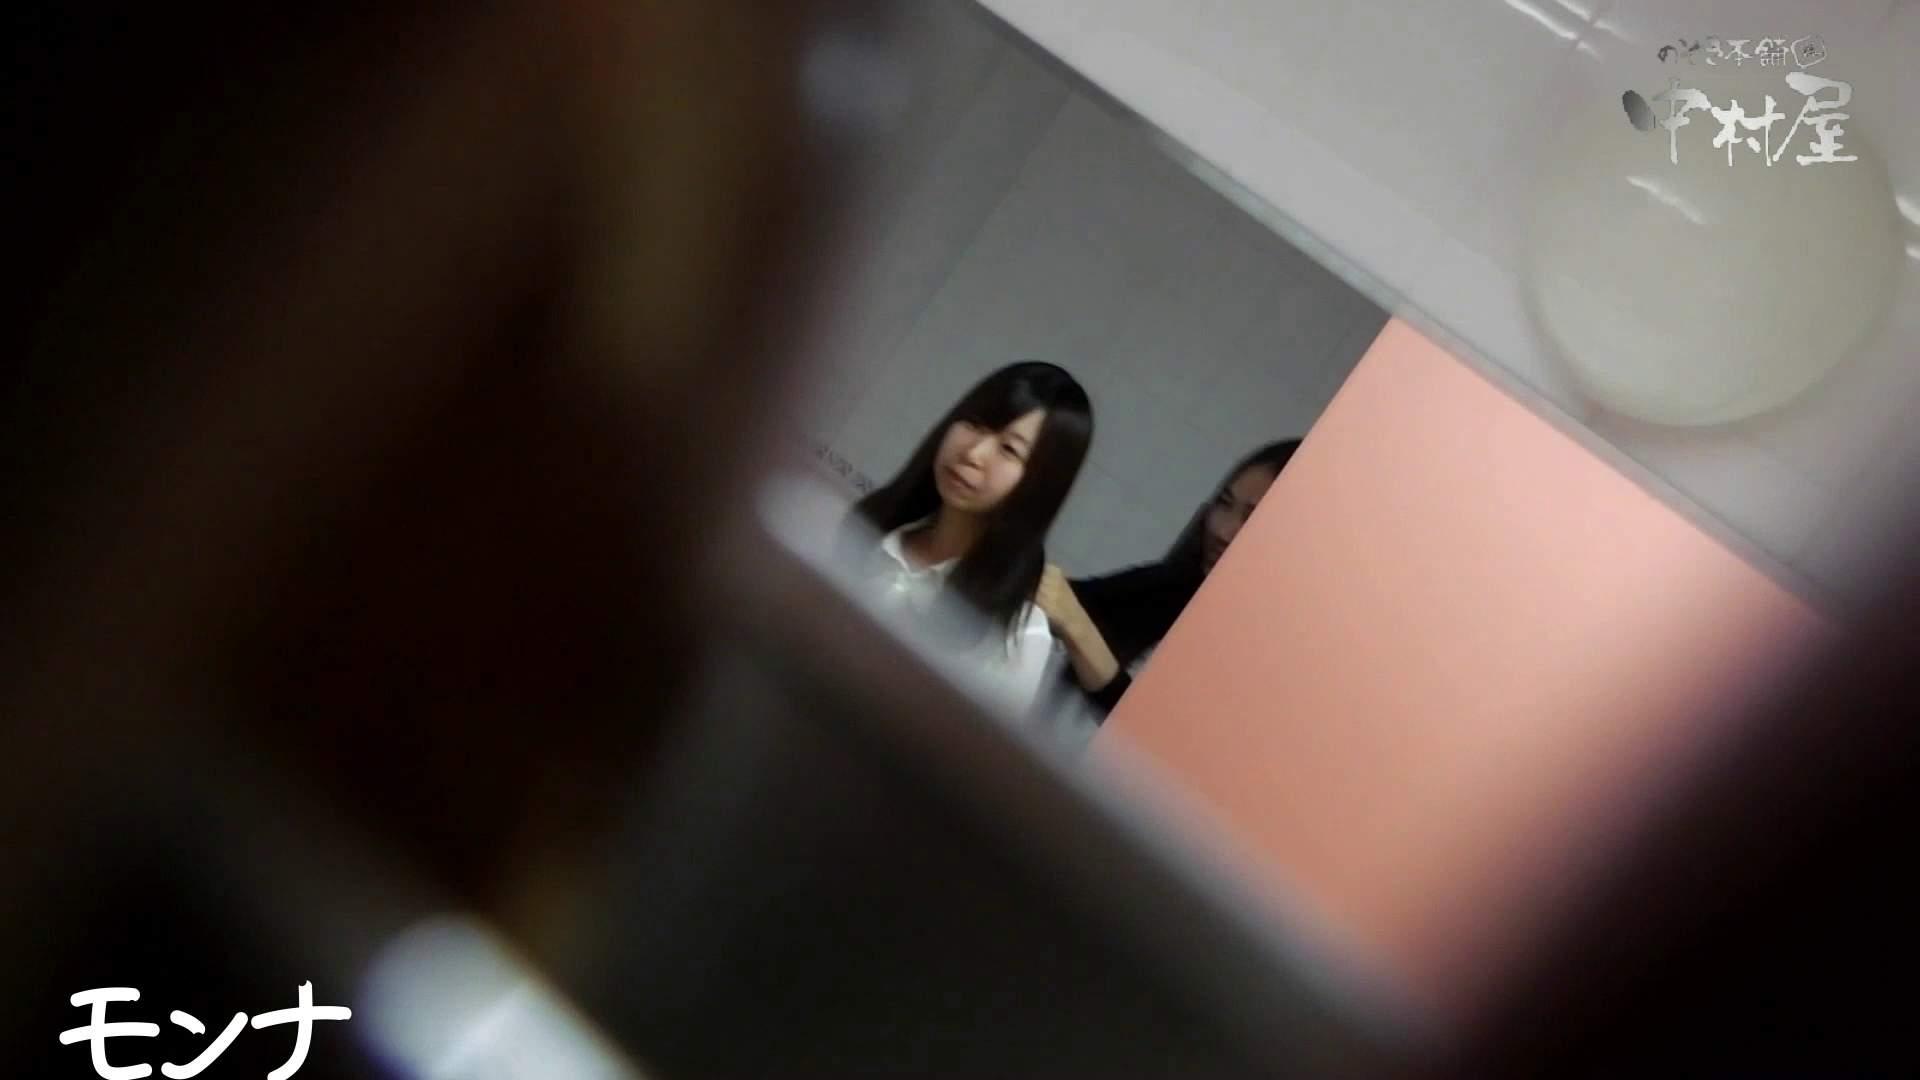 美しい日本の未来 No.52 顔とのギャップが!!清楚な顔の子はボウボウ 0  44連発 10